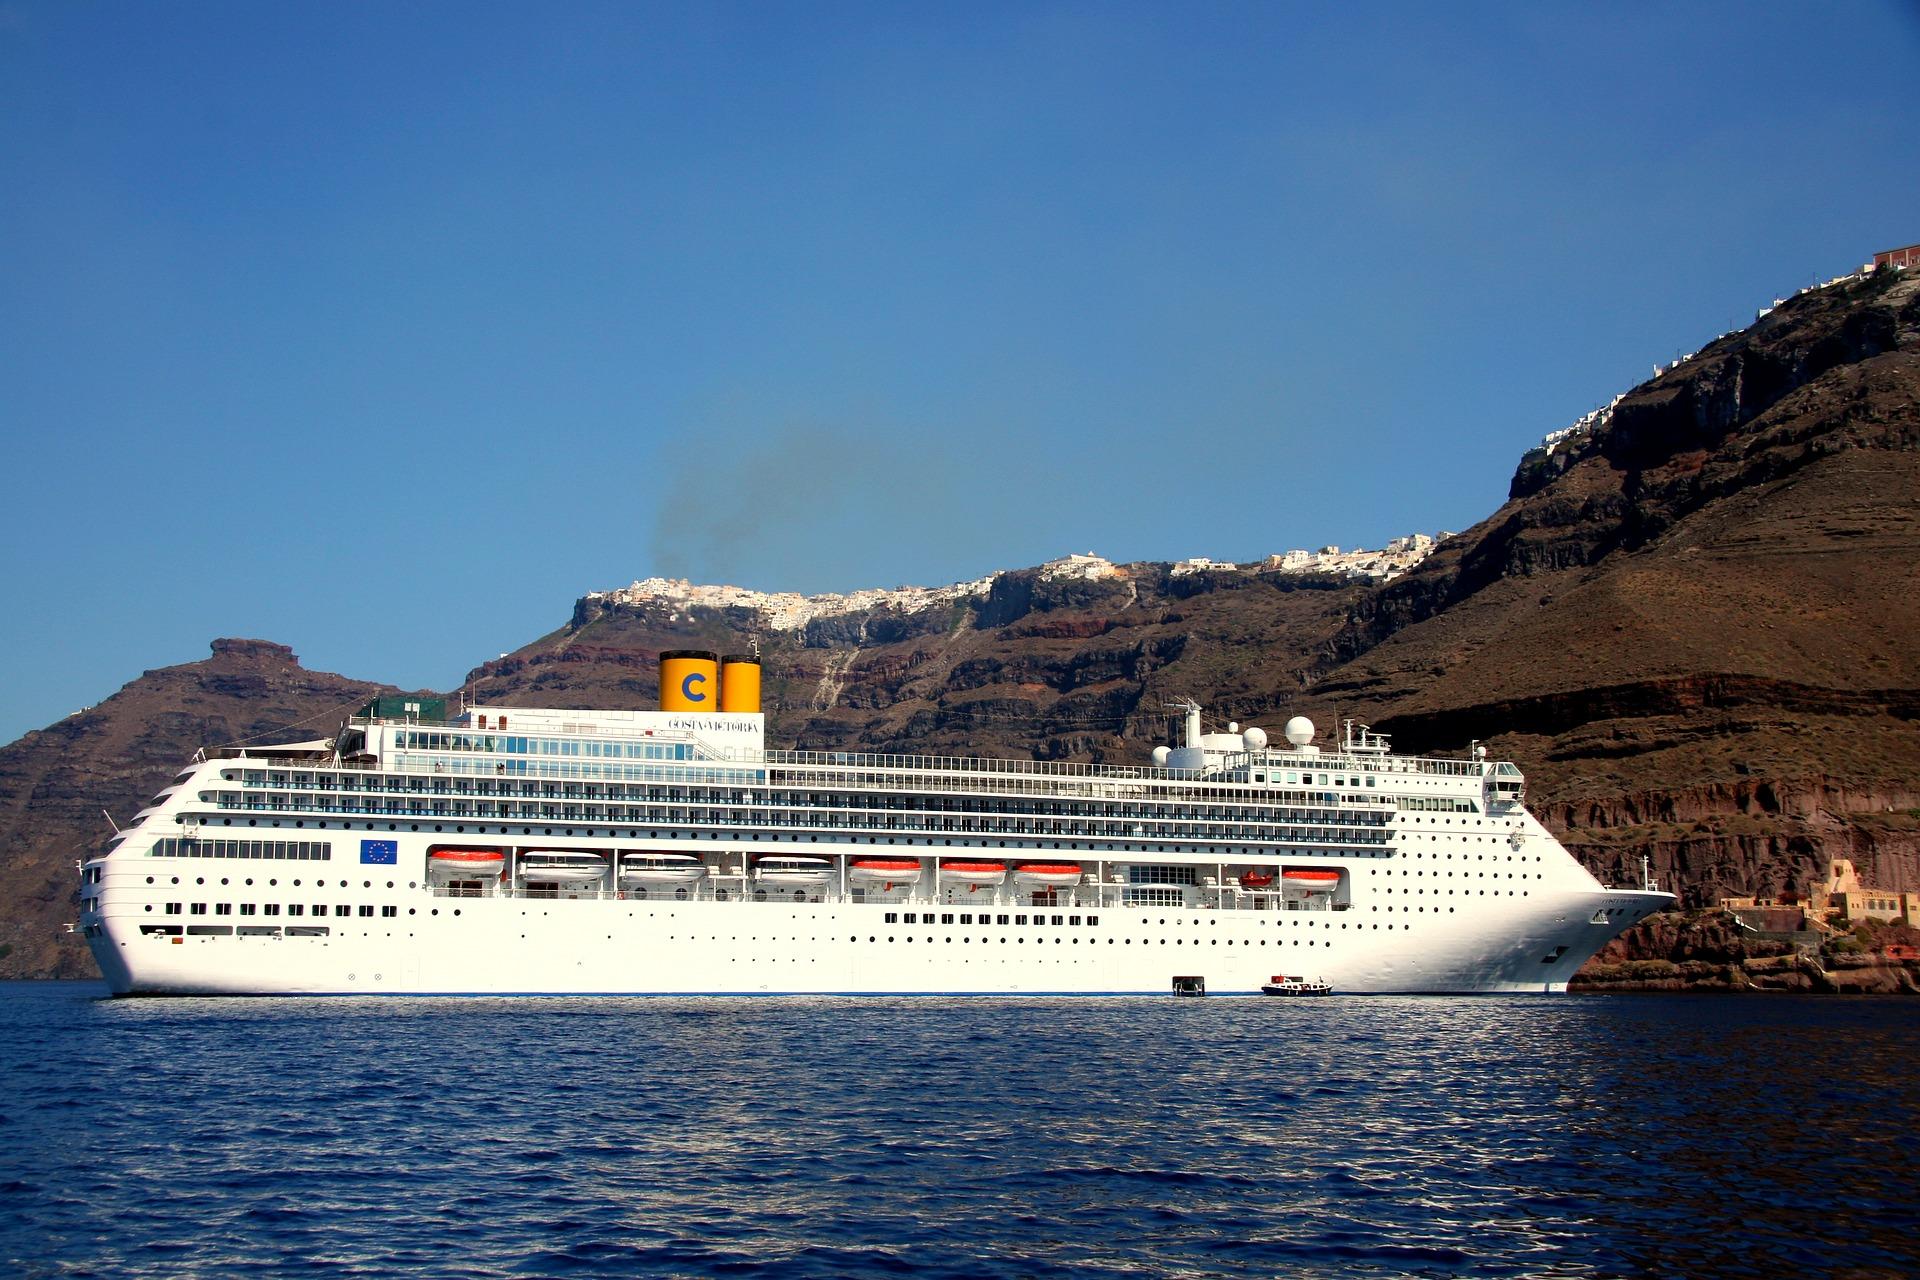 Une croisière à Santorin avec Costa Croisières